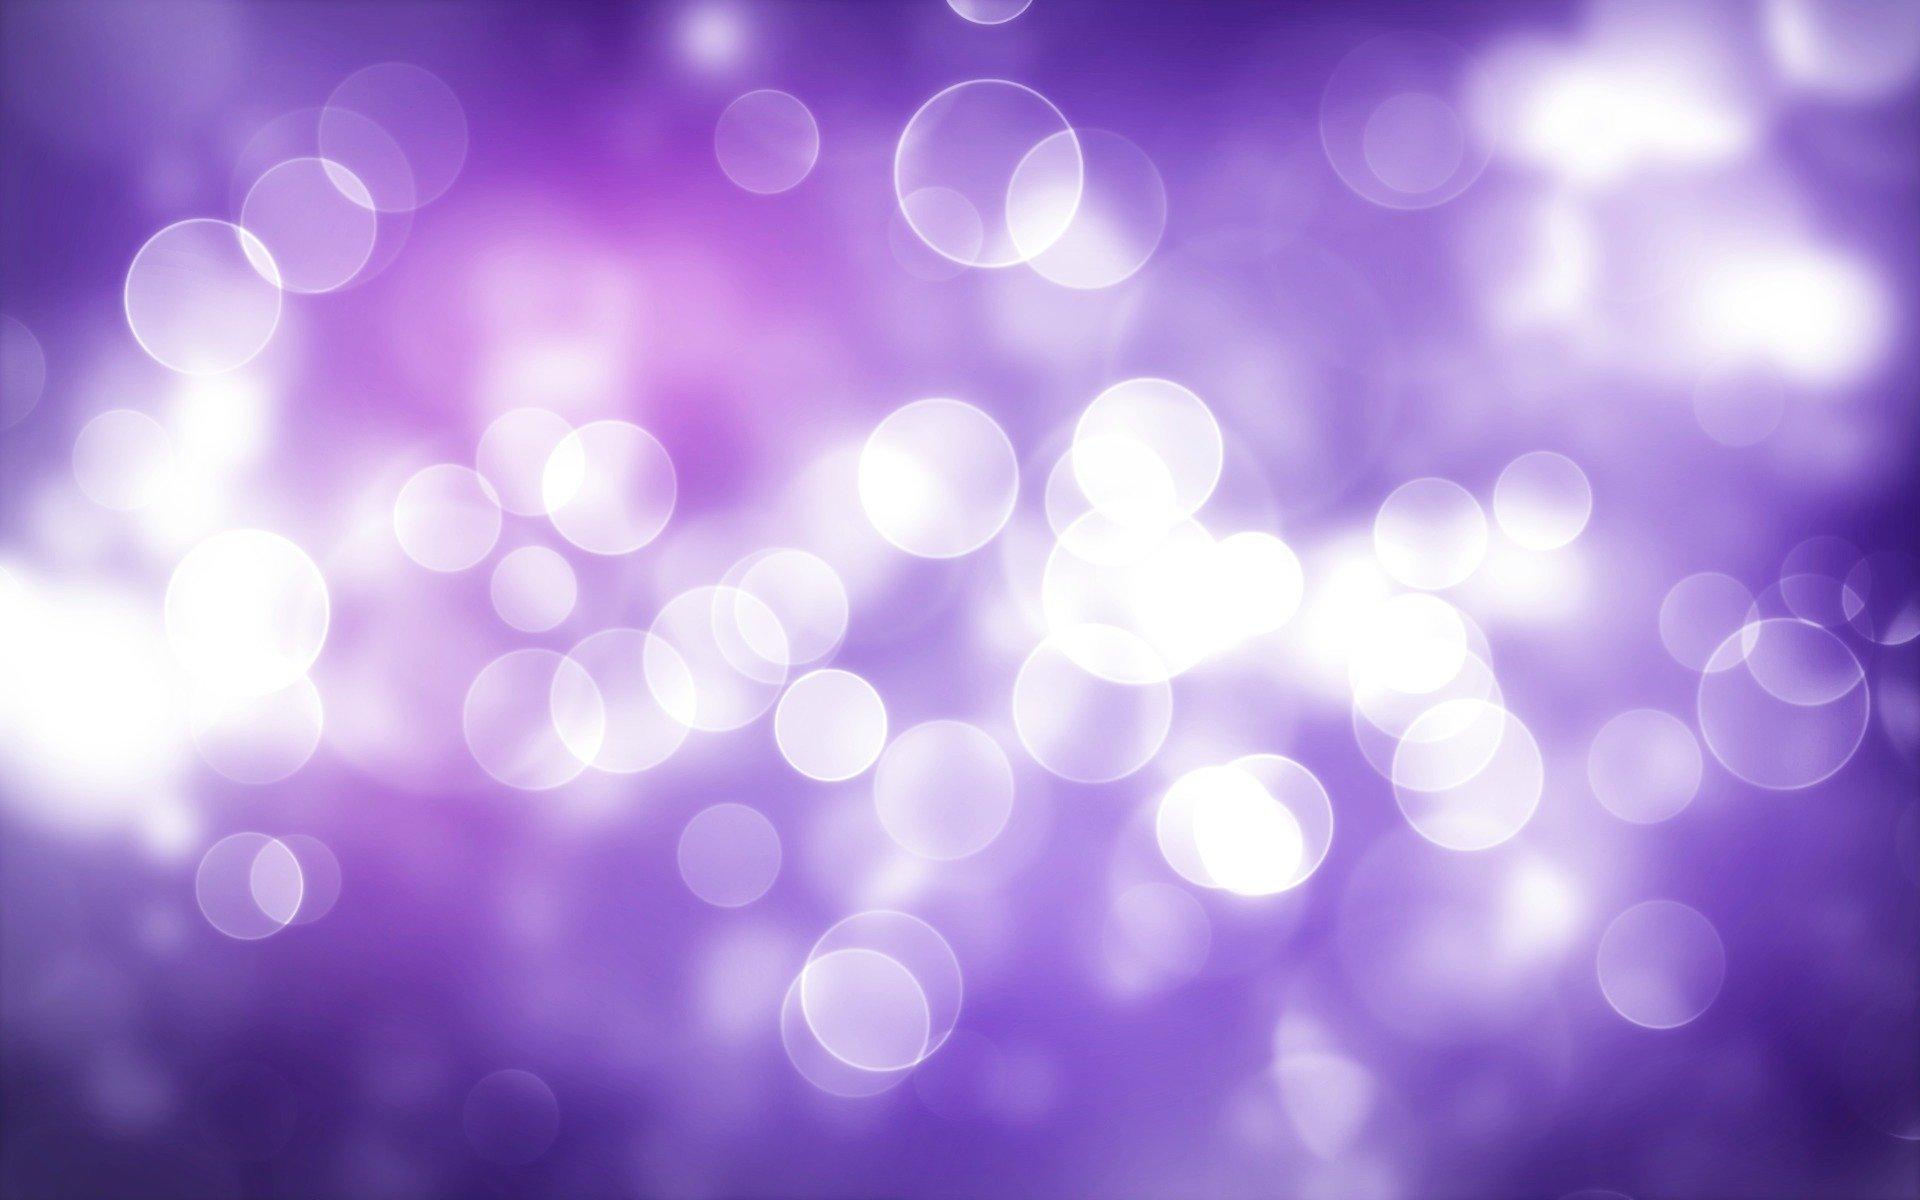 День, картинки фиолетовый фон для фотошопа